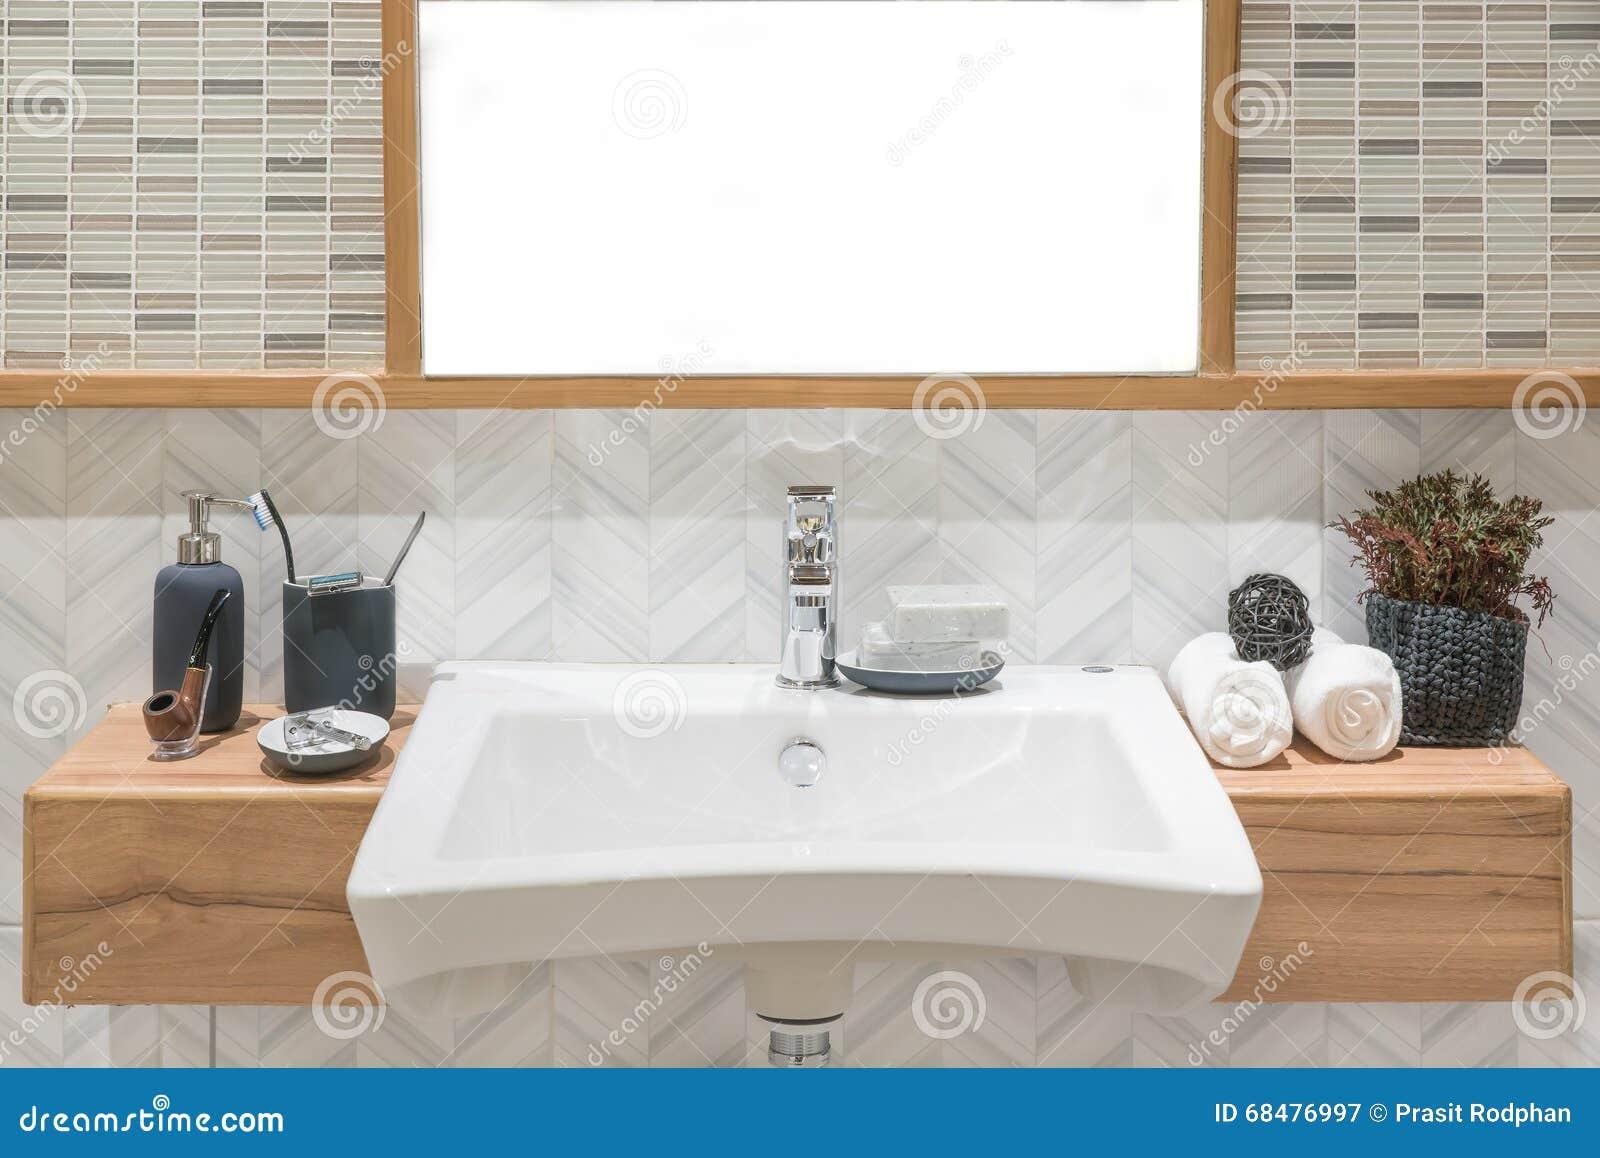 Wasbak met handdoek en decoratie in badkamers stock afbeelding